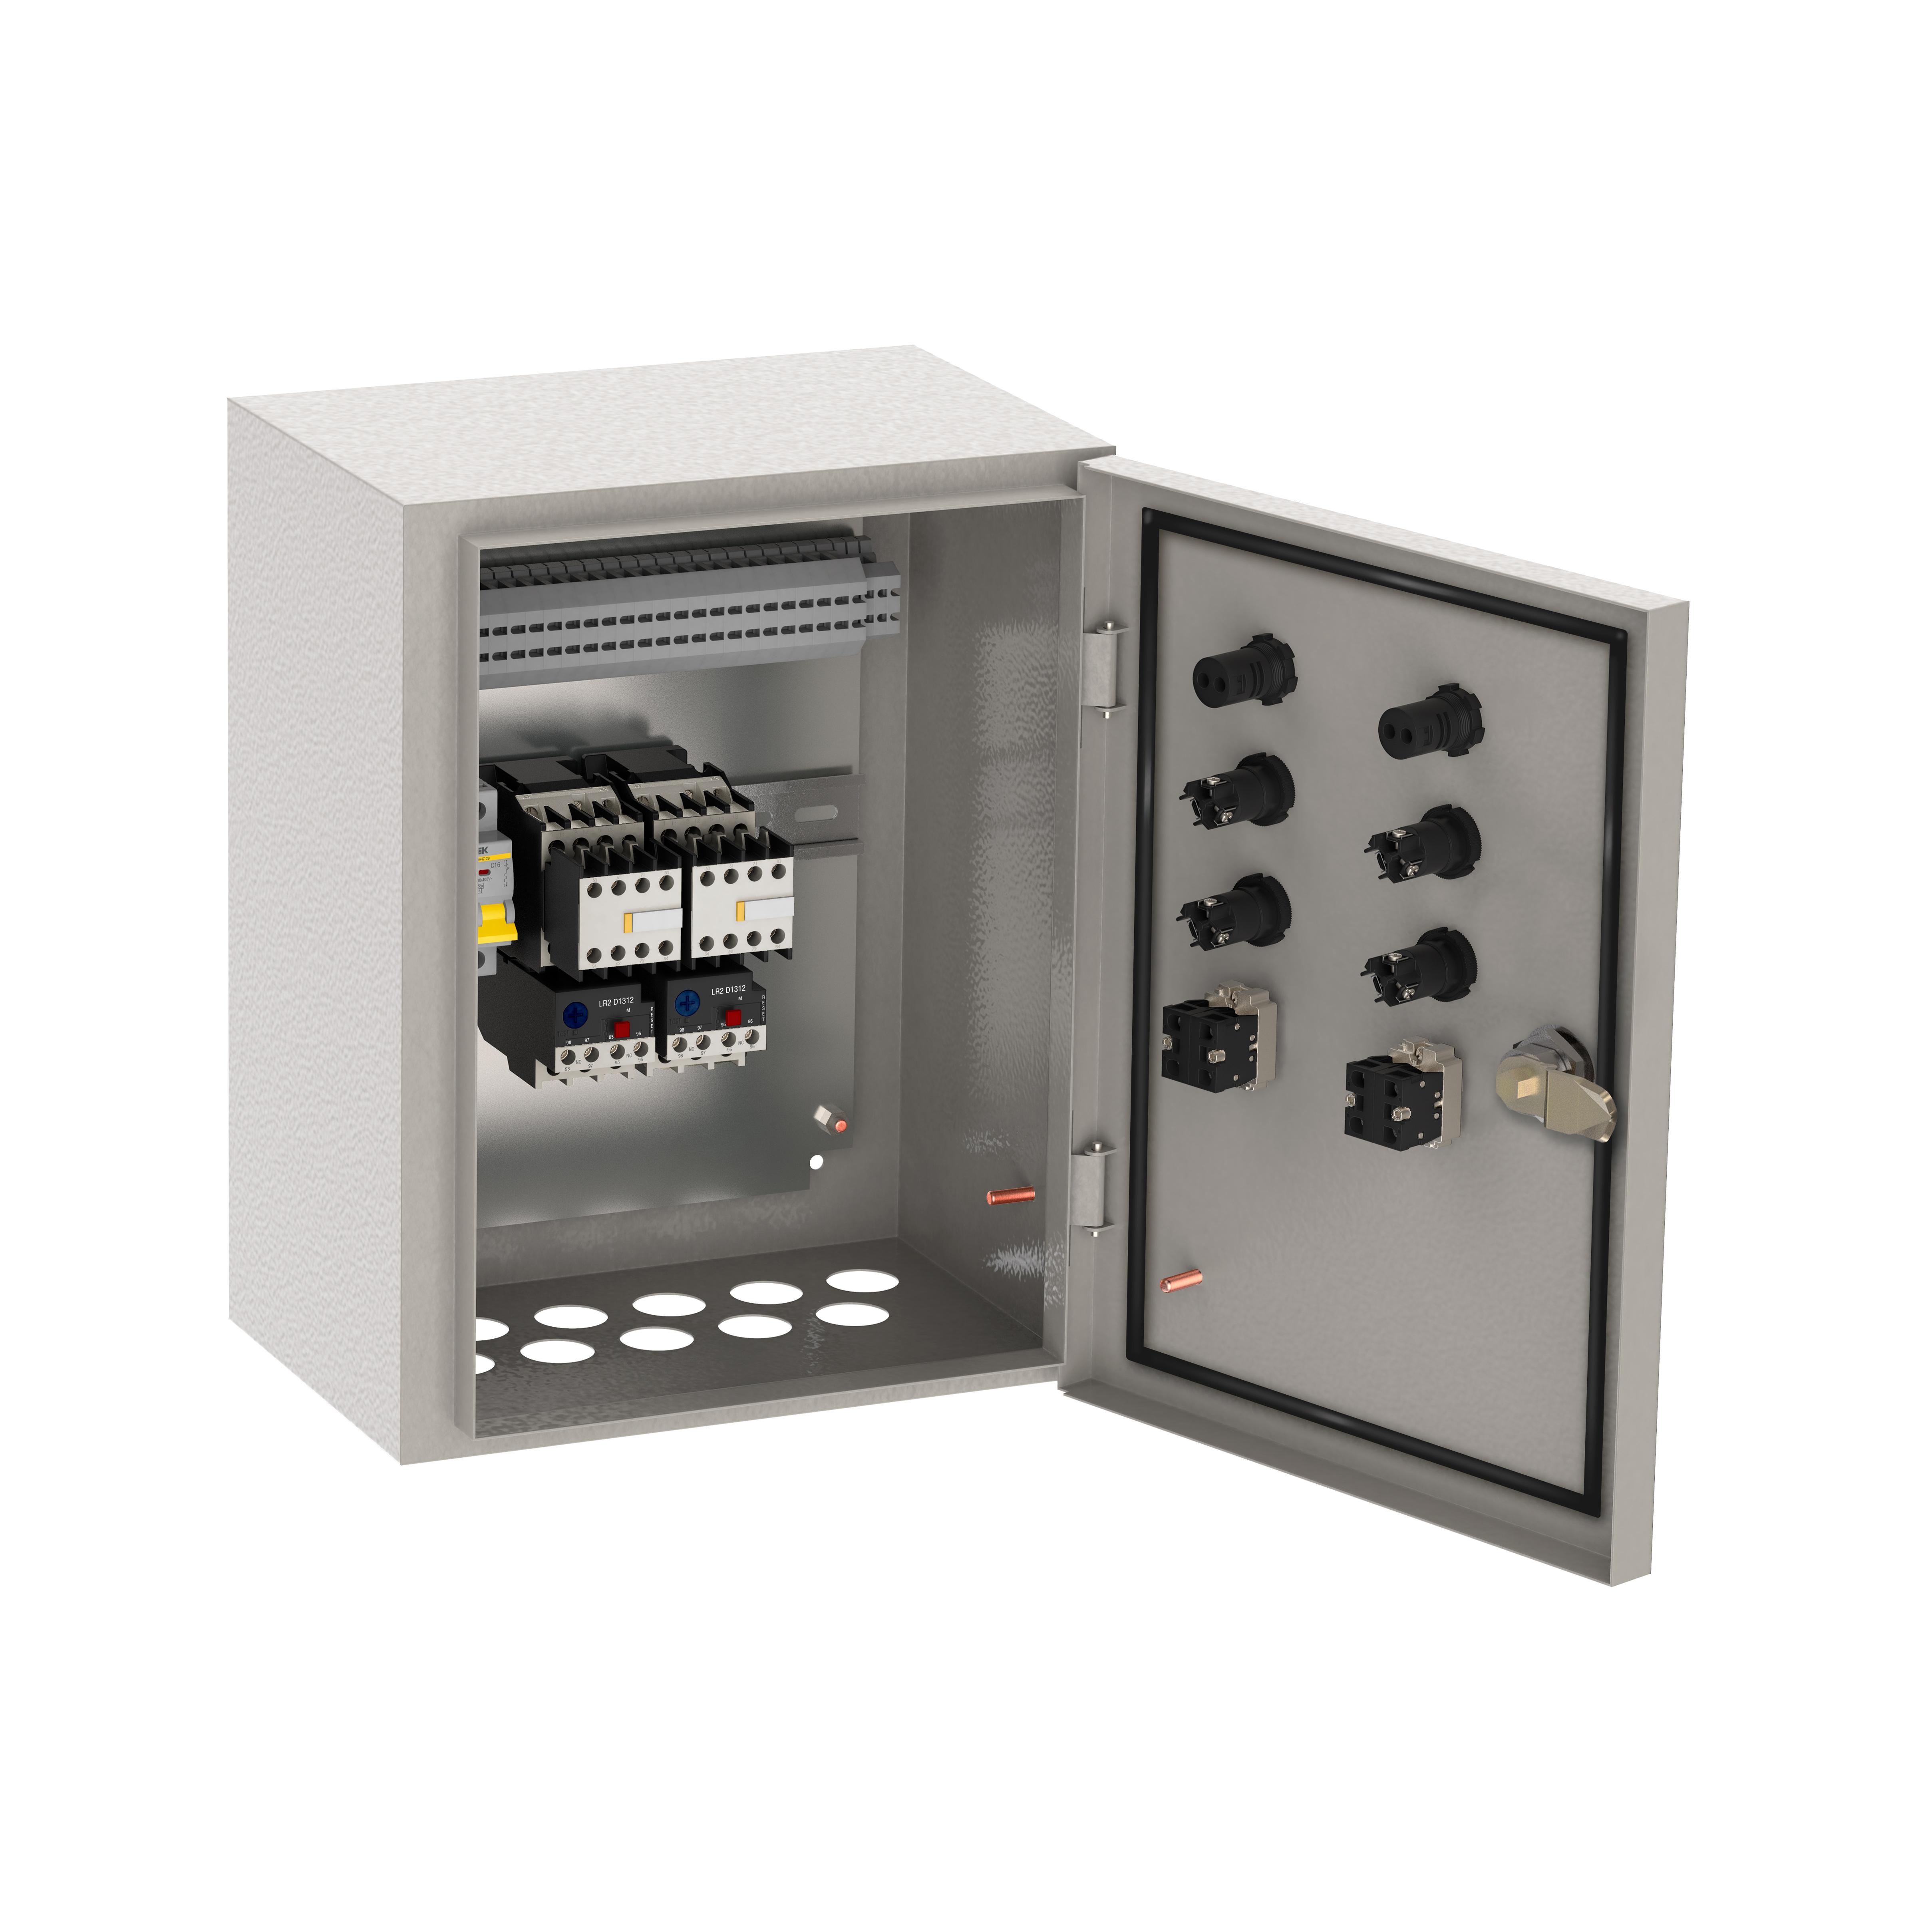 Ящик управления РУСМ5119-2874 нереверсивный 3 фидера автоматический выключатель на каждый фидер с переключателем на автоматический режим 6А IP54 IEK